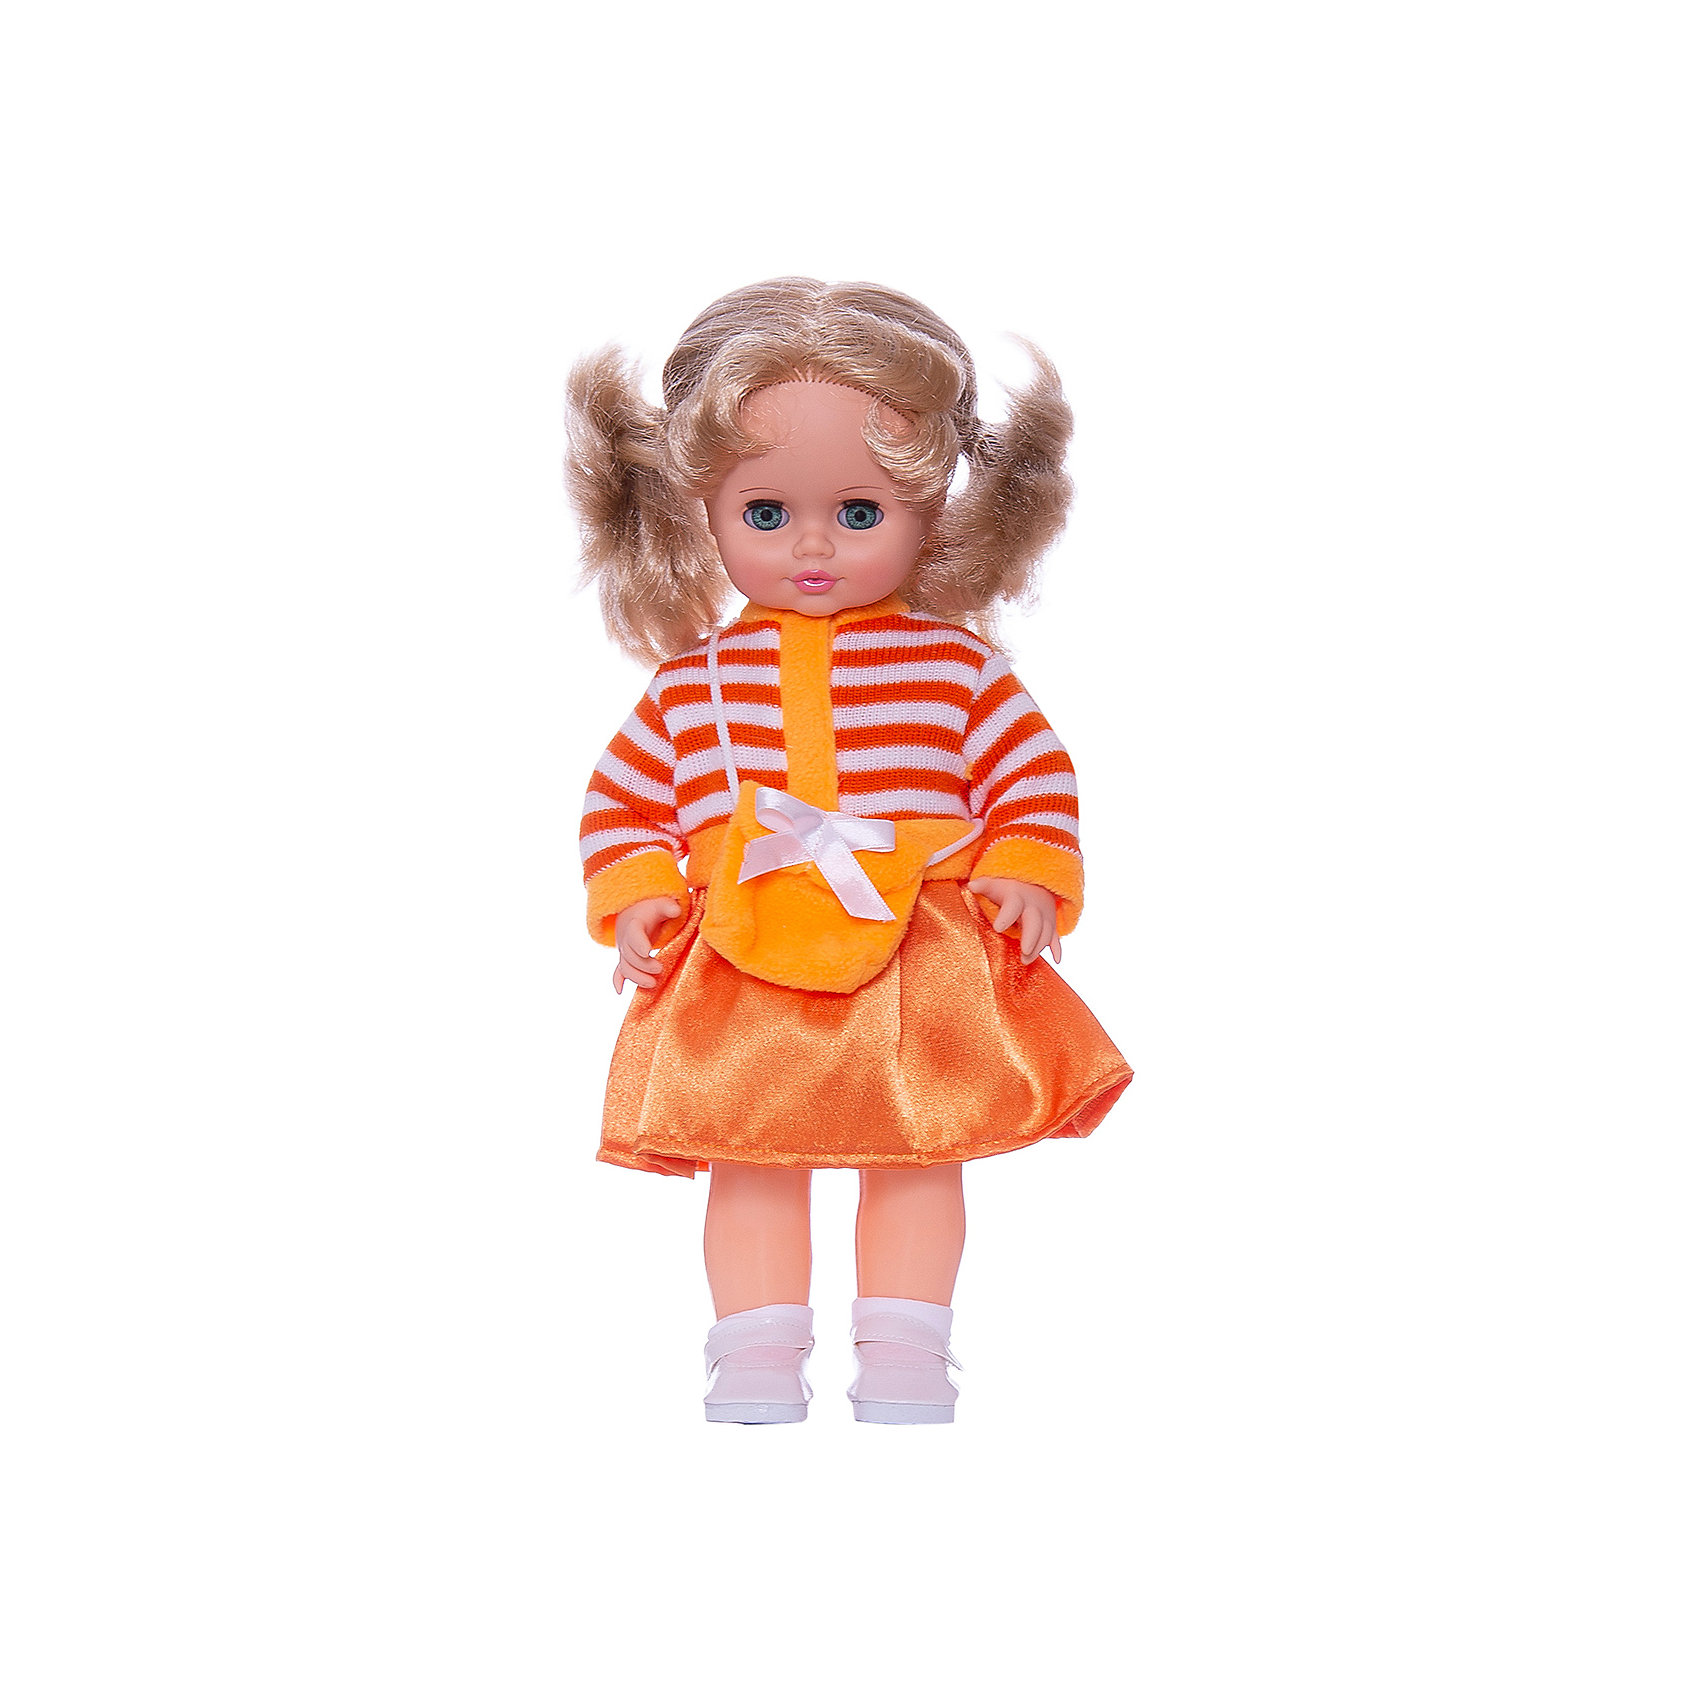 Весна Кукла Инна 19, со звуком, 43 см, Весна кукла весна инна в куртке со звуком 43 см